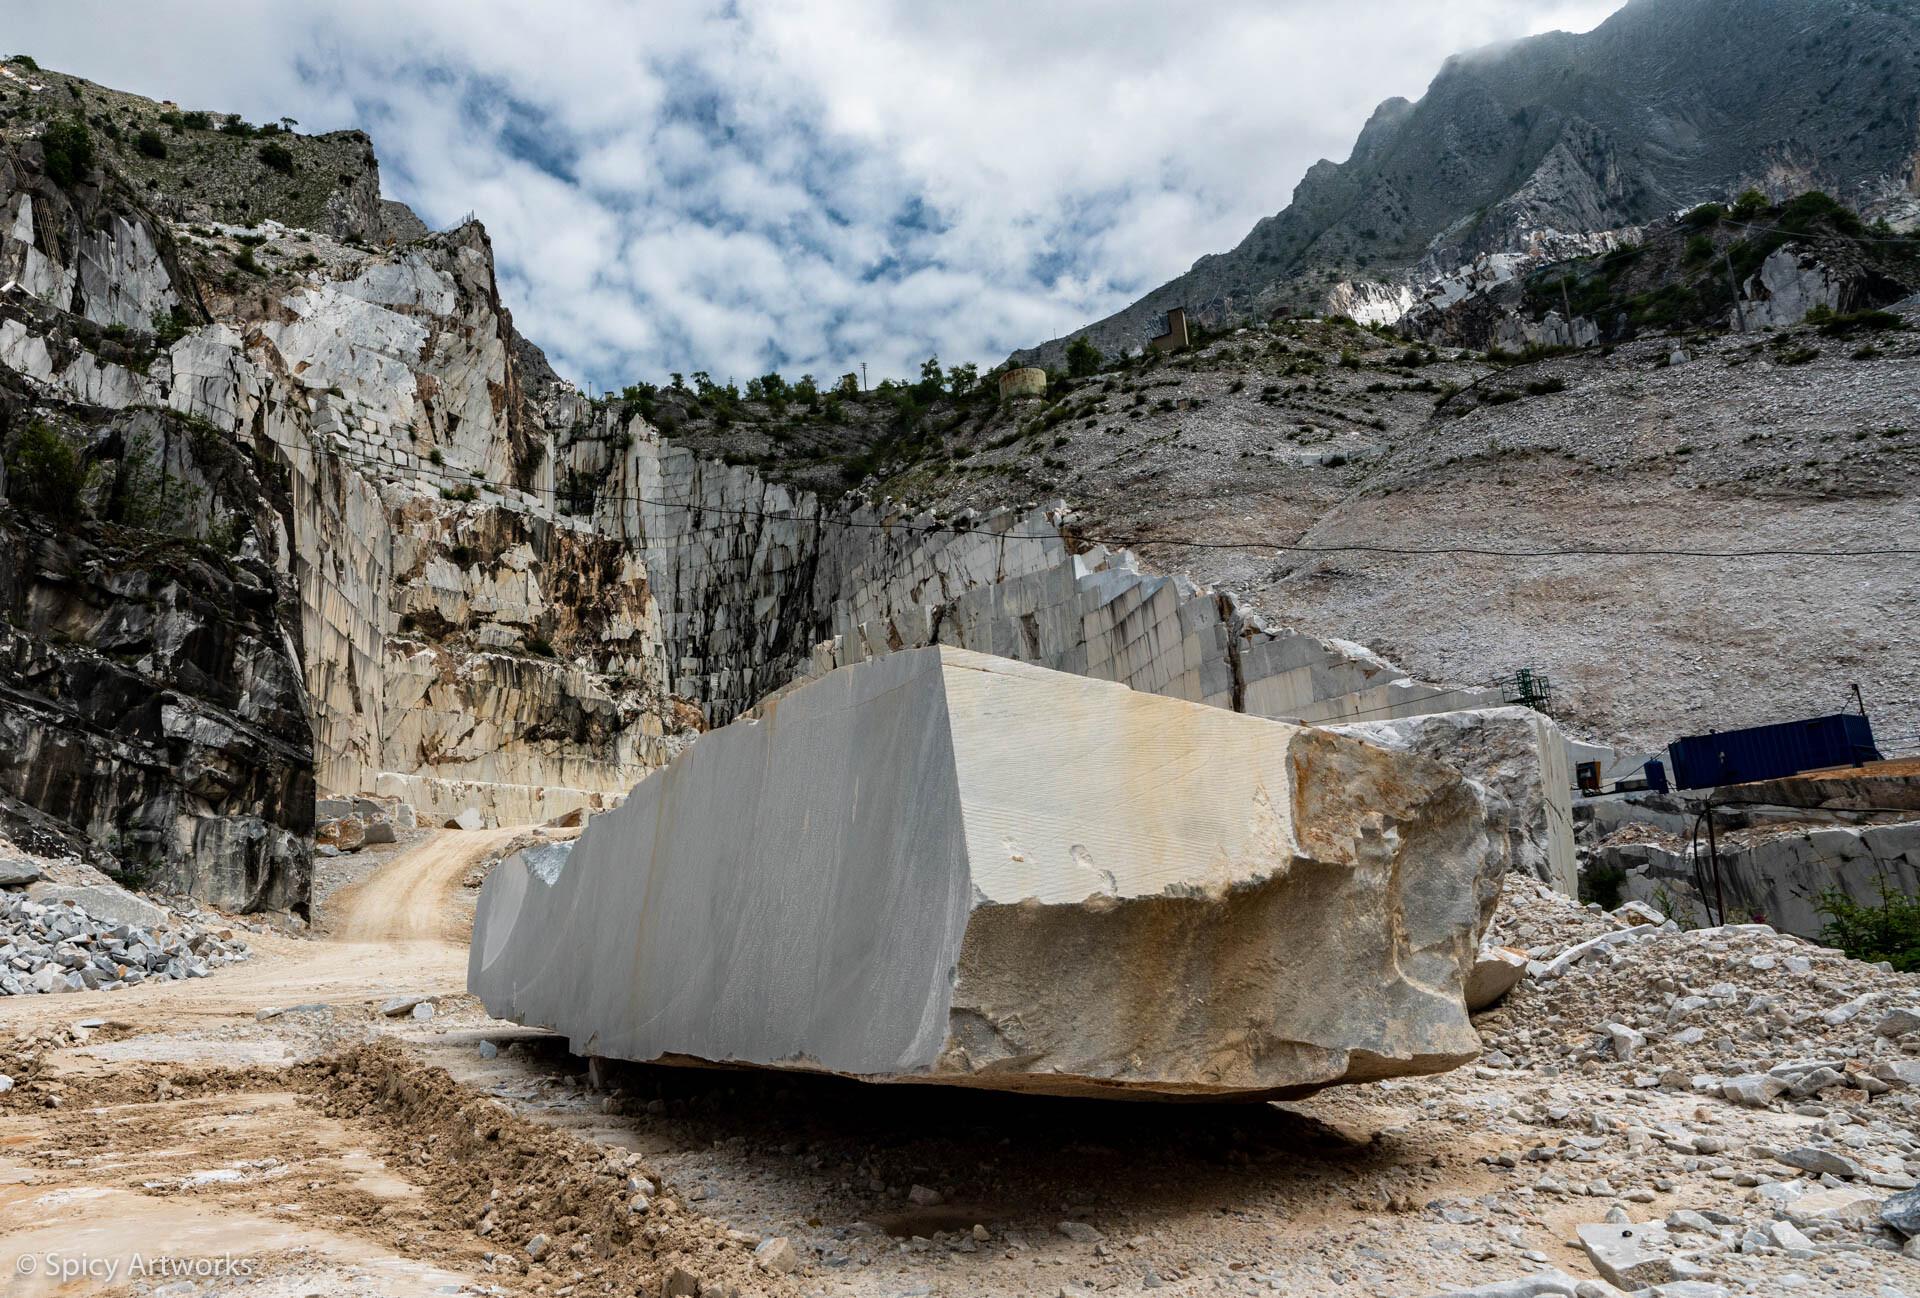 VINO ROSSO UND ROTER MOHN - Toskana 2018 - Teil 1: Marmor, Stein und Eisen bricht